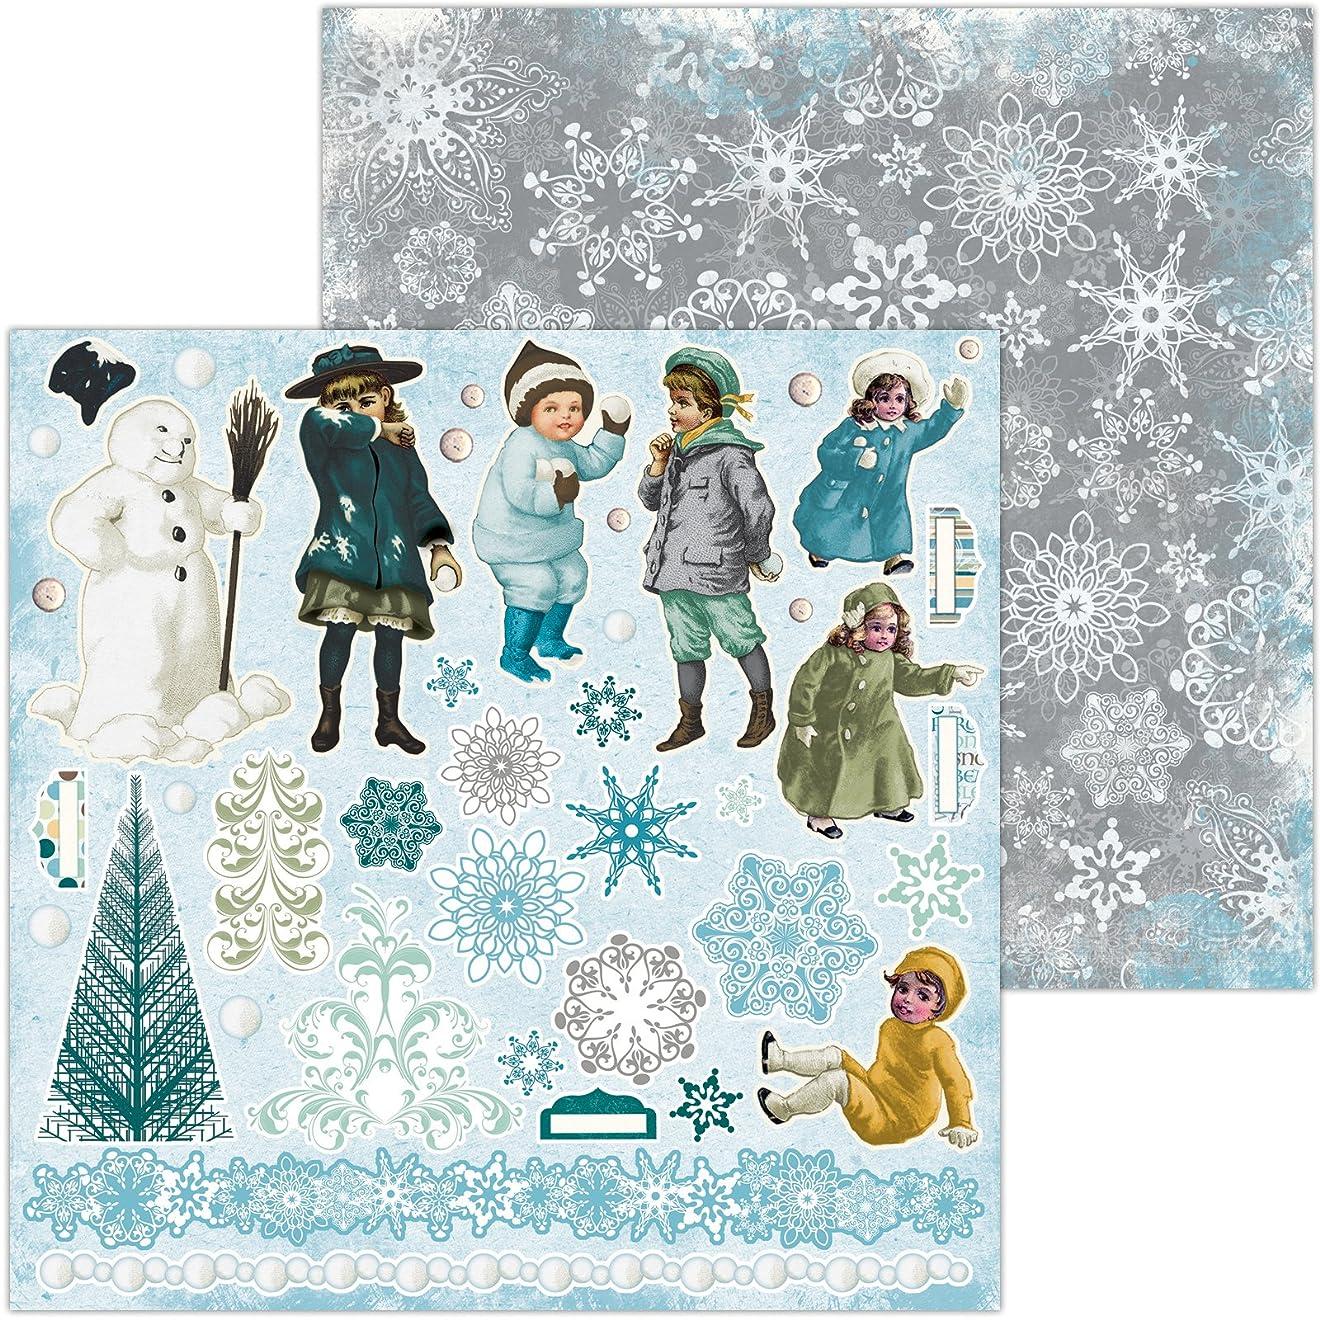 満足させる感嘆符藤色BoBunny (ボバニー) パターンペーパー Winter Playground - 12 x 12 - Noteworthy 7310008